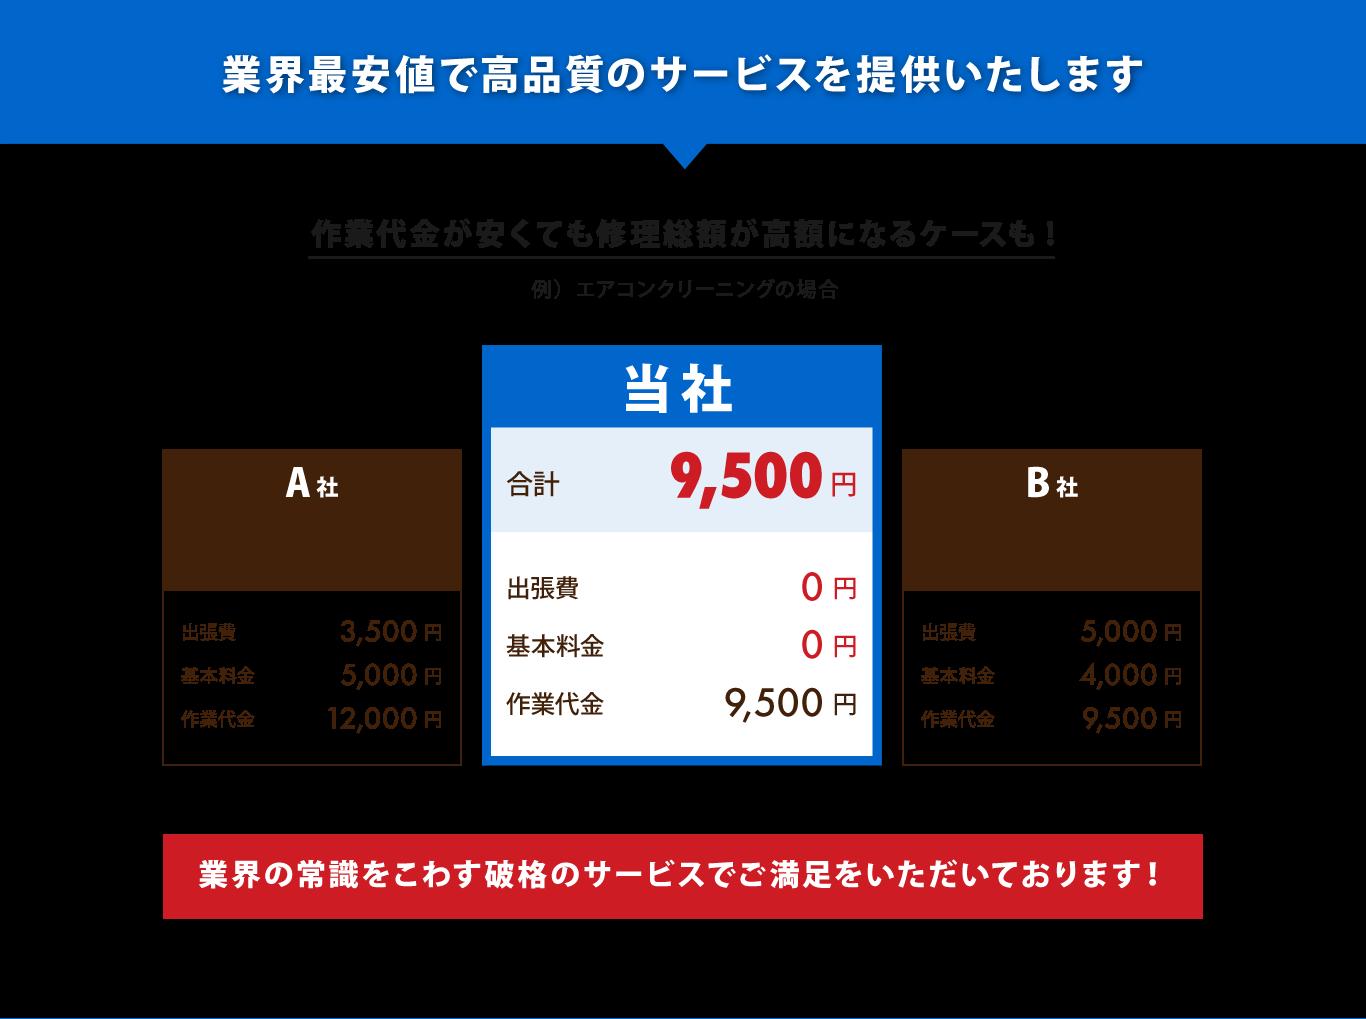 大阪のエアコンクリーニングは、業界最安値で高品質のライフエアコンサポートまで!出張費、基本料金無料です。エアコン修理業界の常識をこわす破格のサービスでご満足を頂いております!